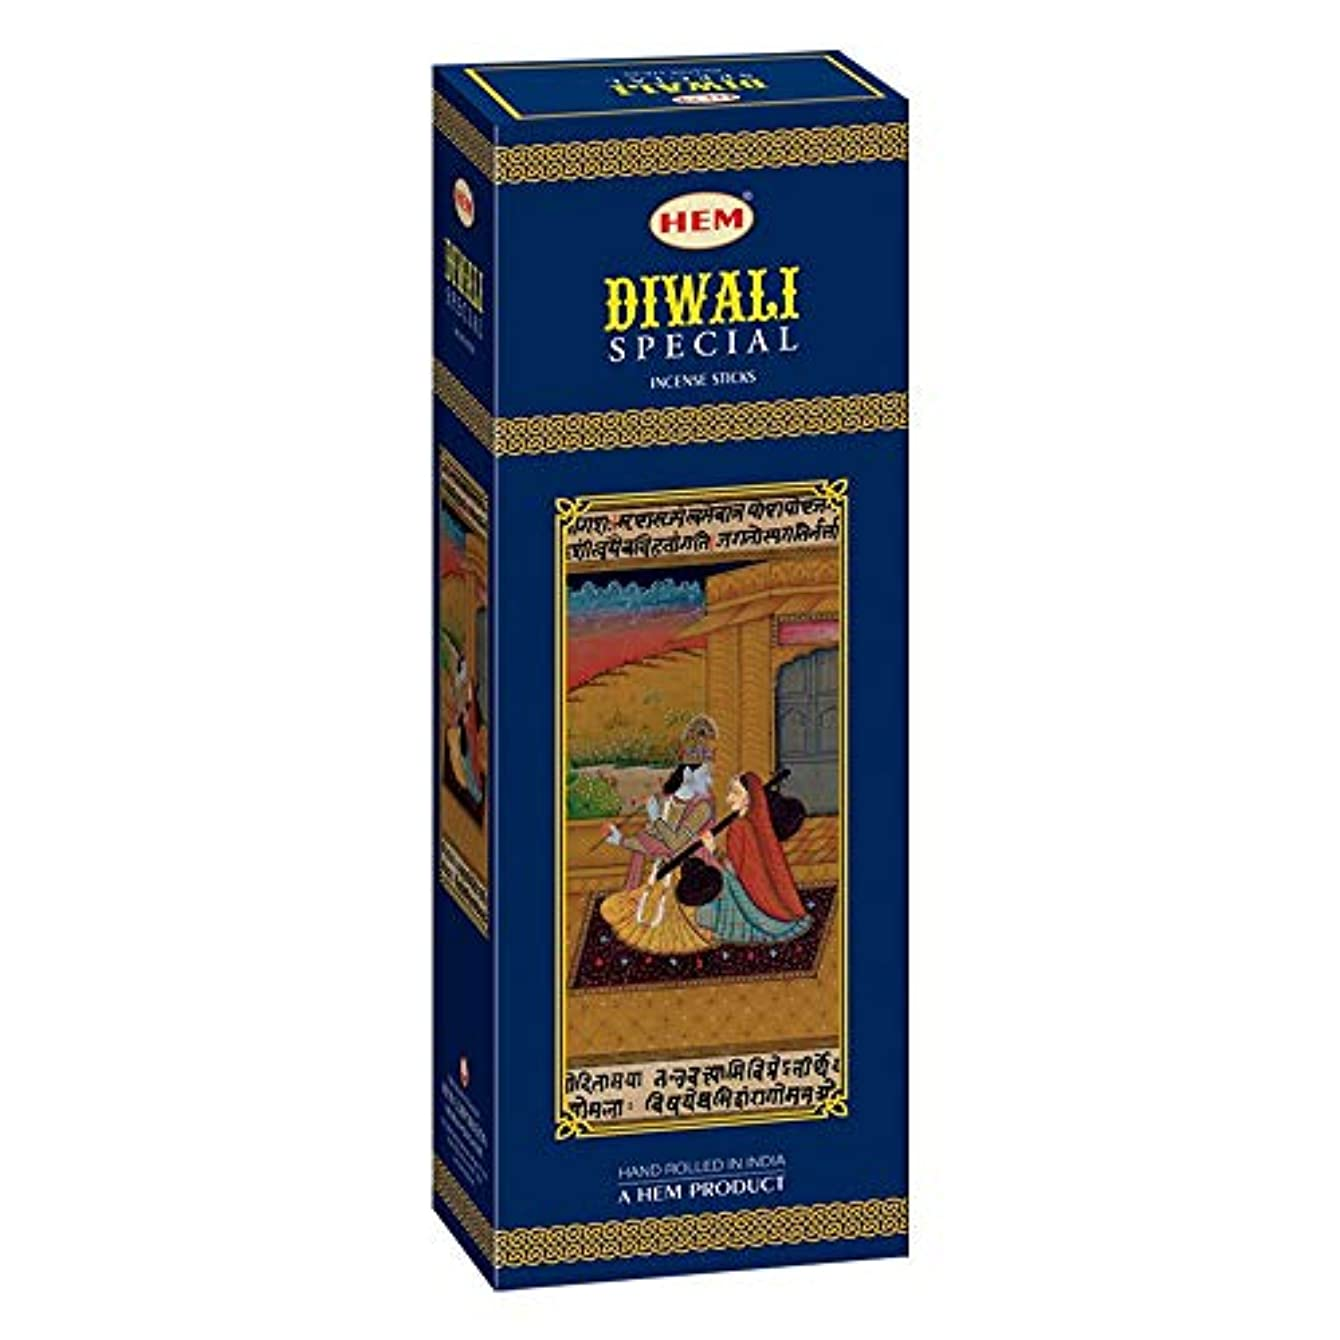 バンガローショッピングセンター測定可能Hem Diwali Special Incense Sticks(9.3 cm X 6.0 cm X 25.5cm, Black)